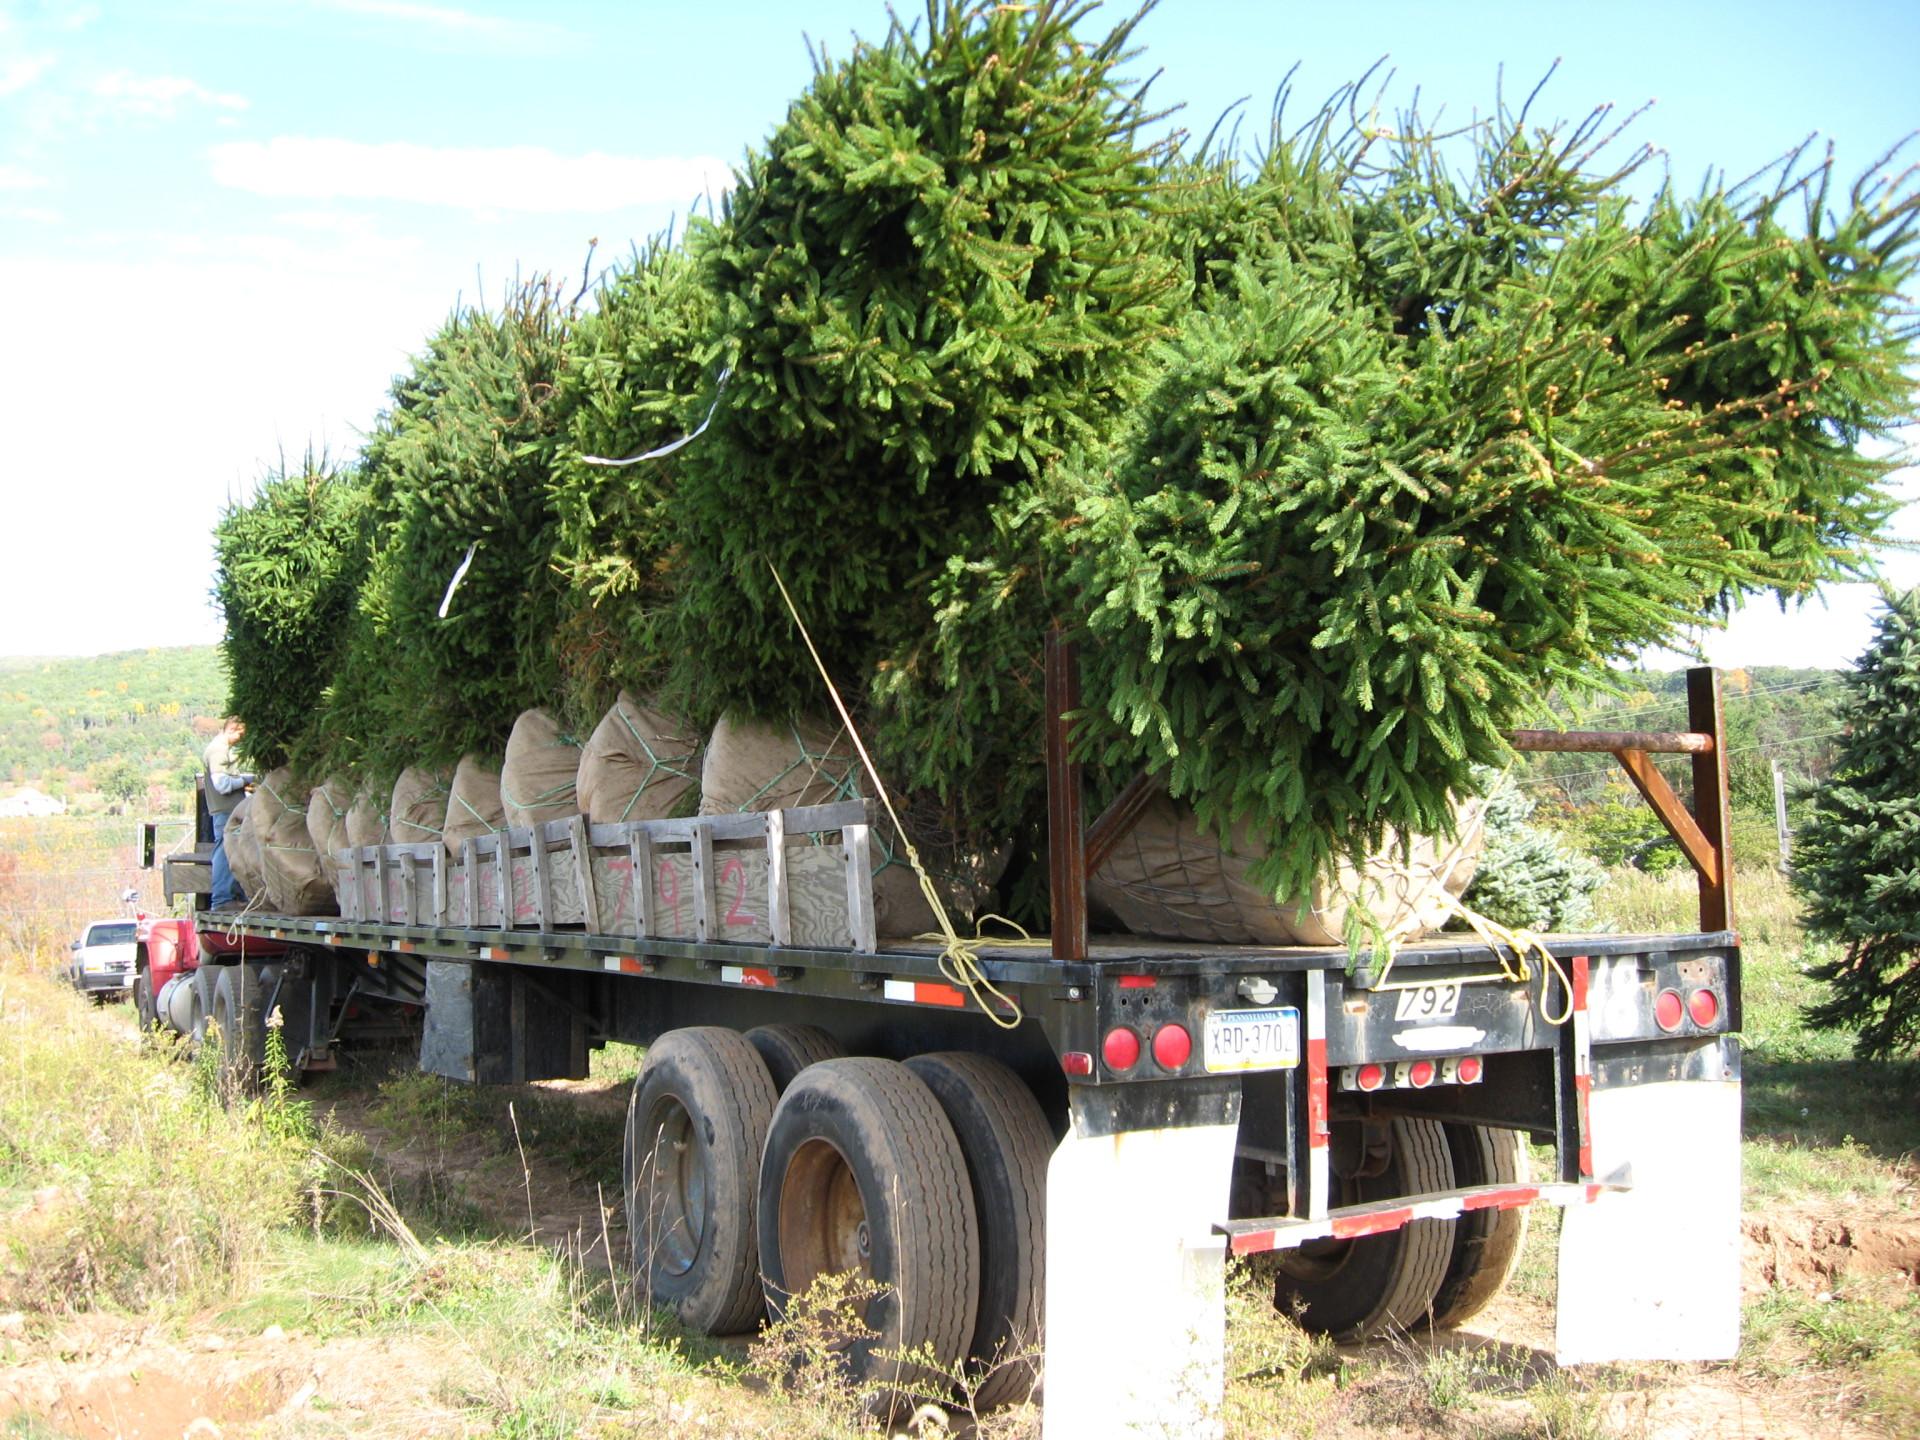 dug trees